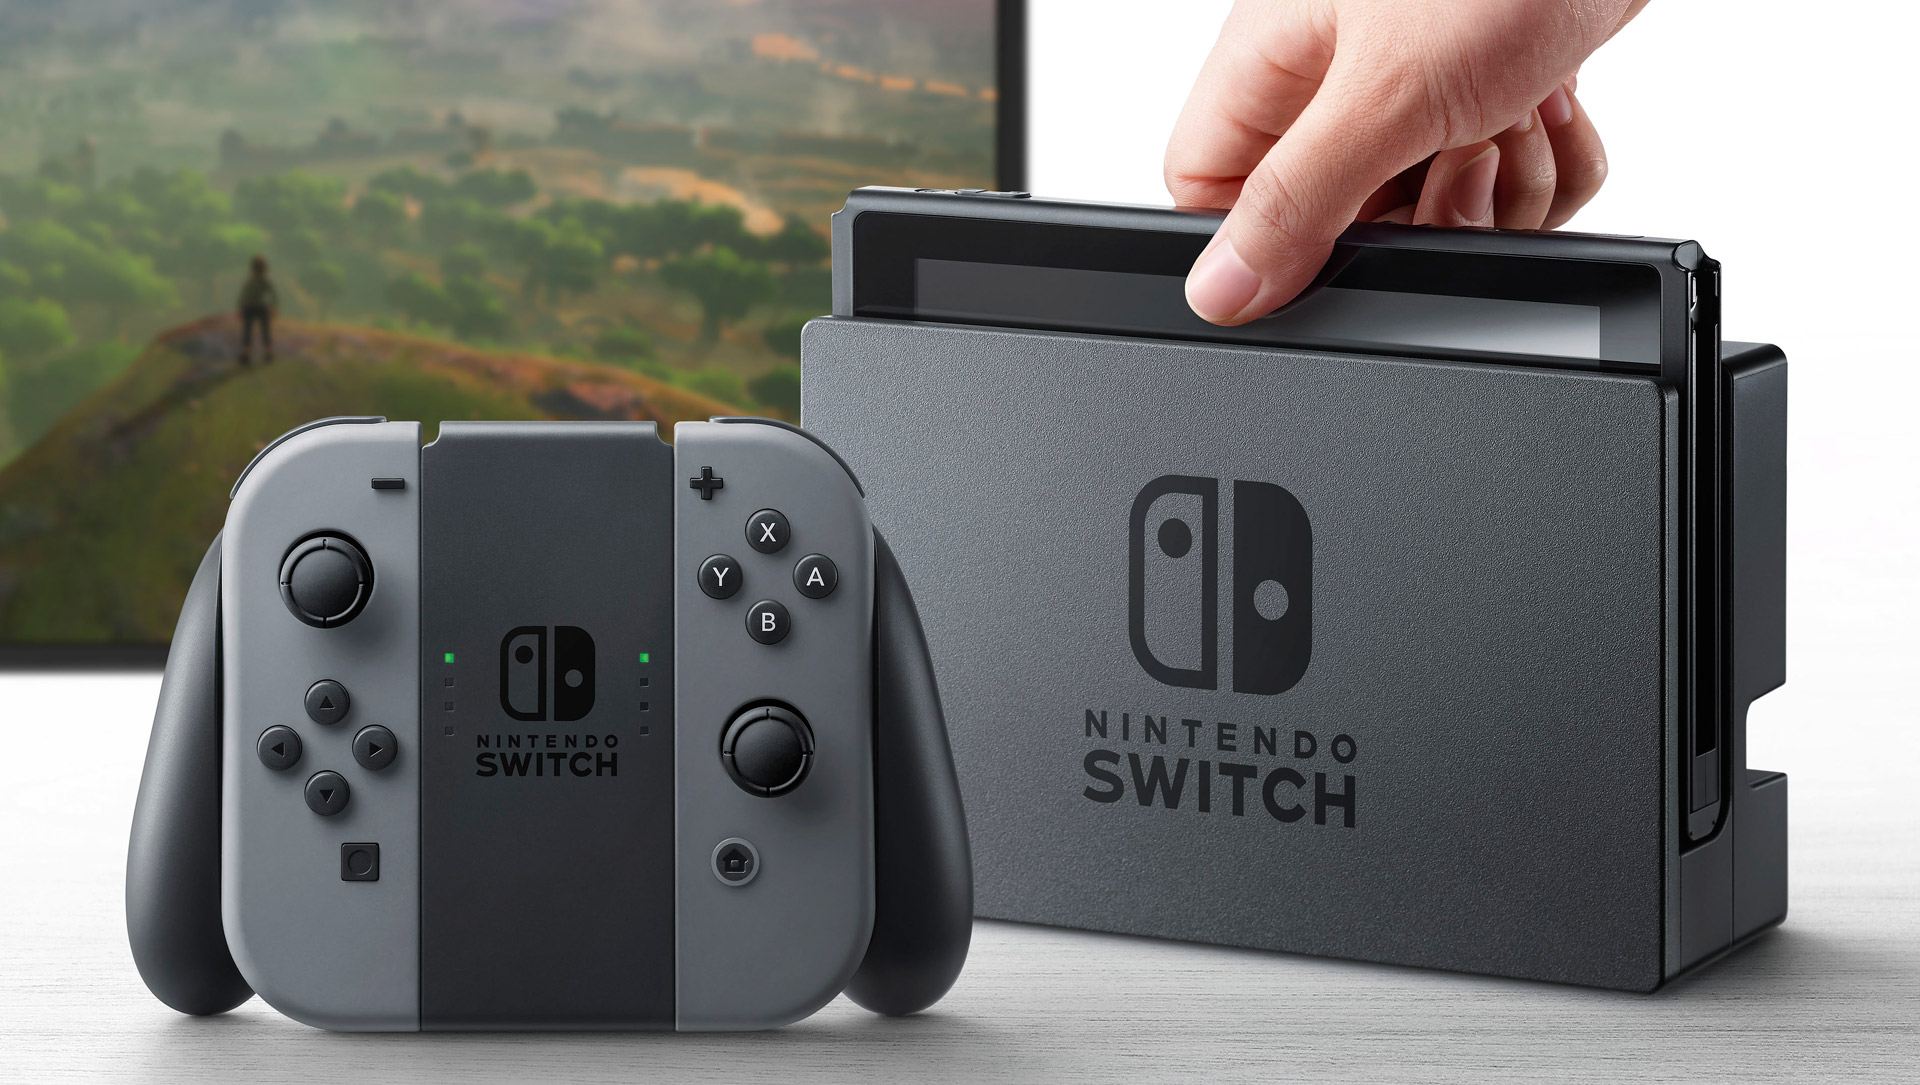 Nintendo Switch, novità in arrivo: potrebbe supportare la realtà virtuale